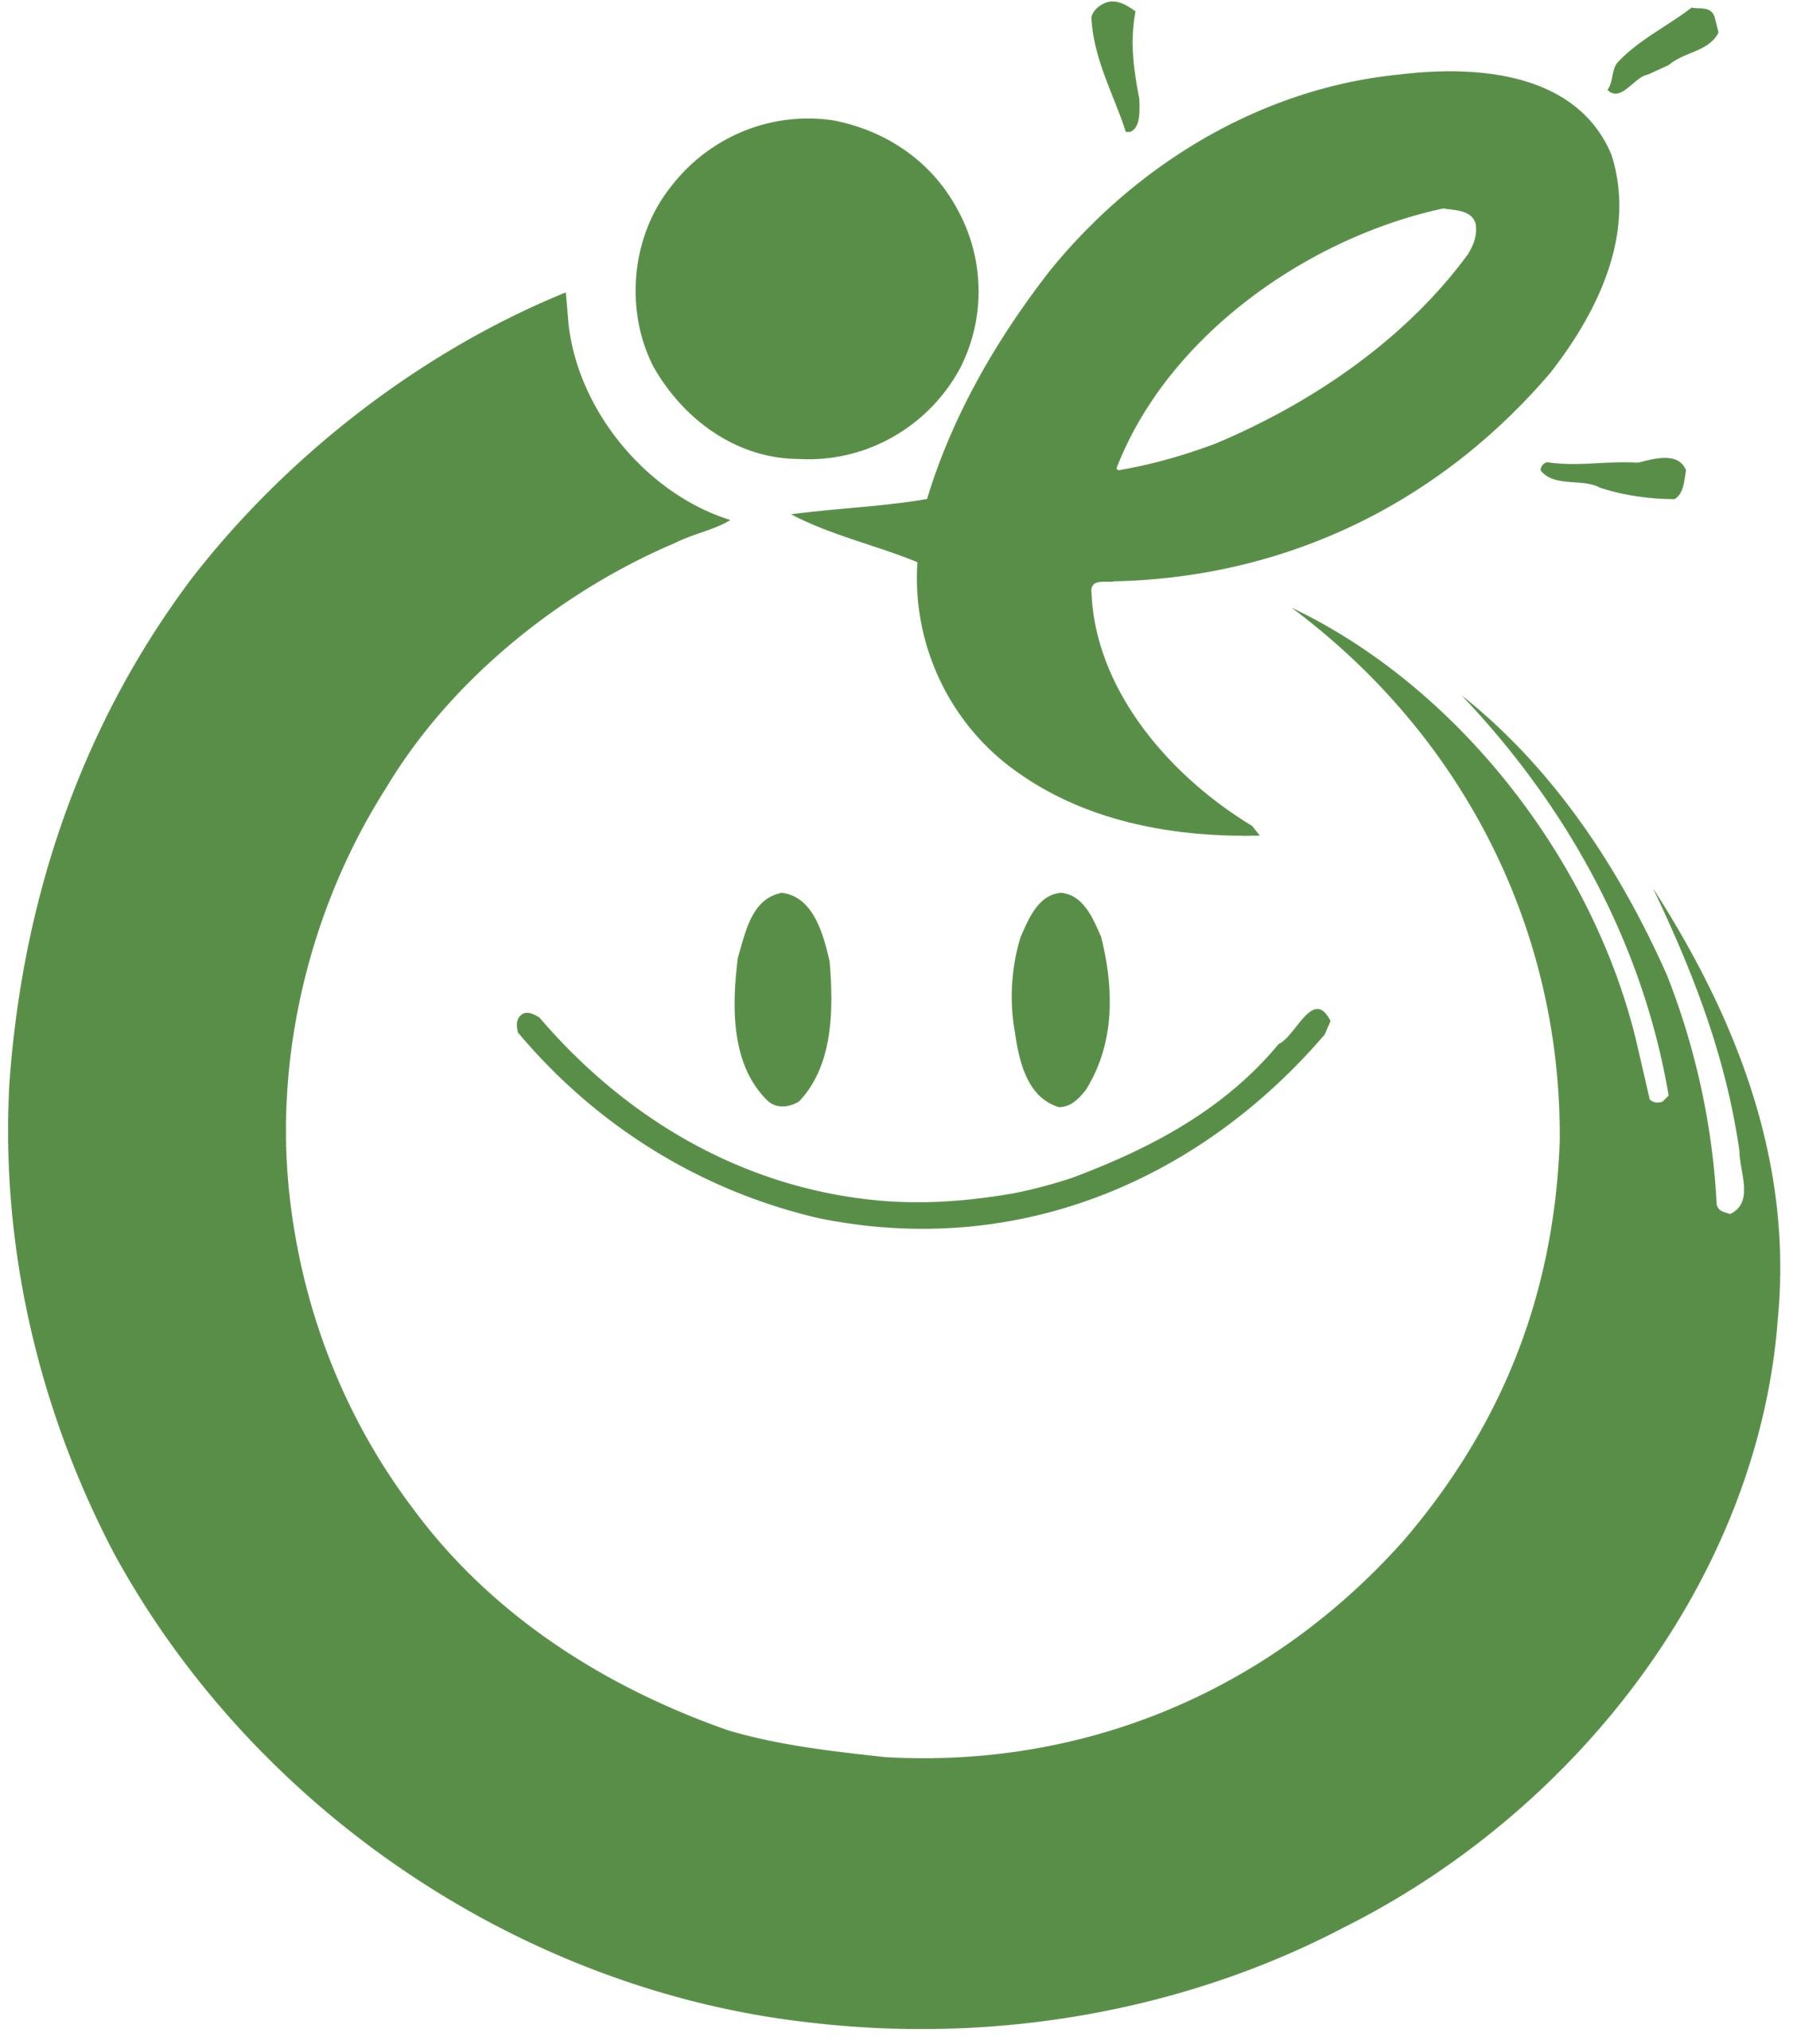 島根県:エコロジー農産物関連(...